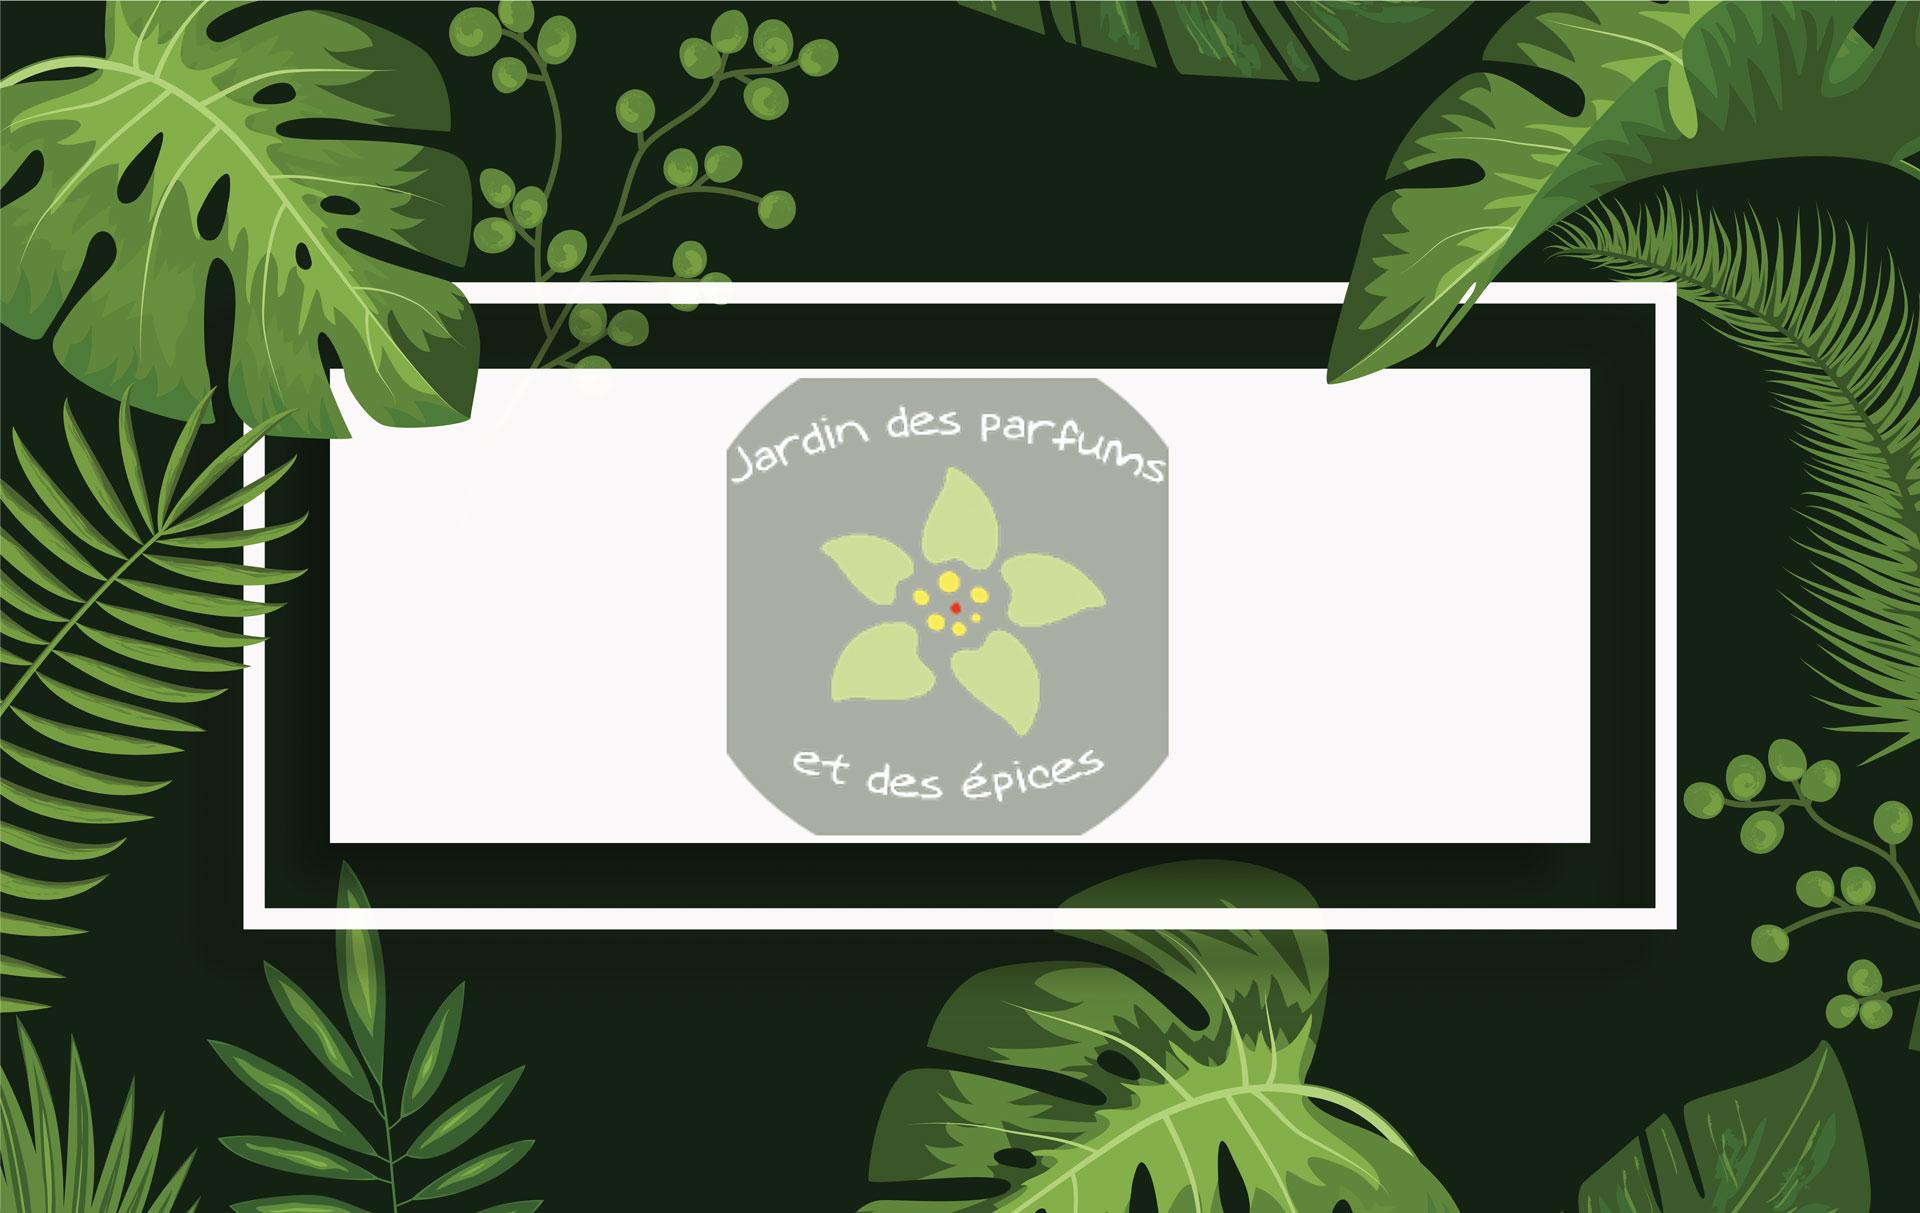 Le jardin des parfums et des épices introduction avec le logo